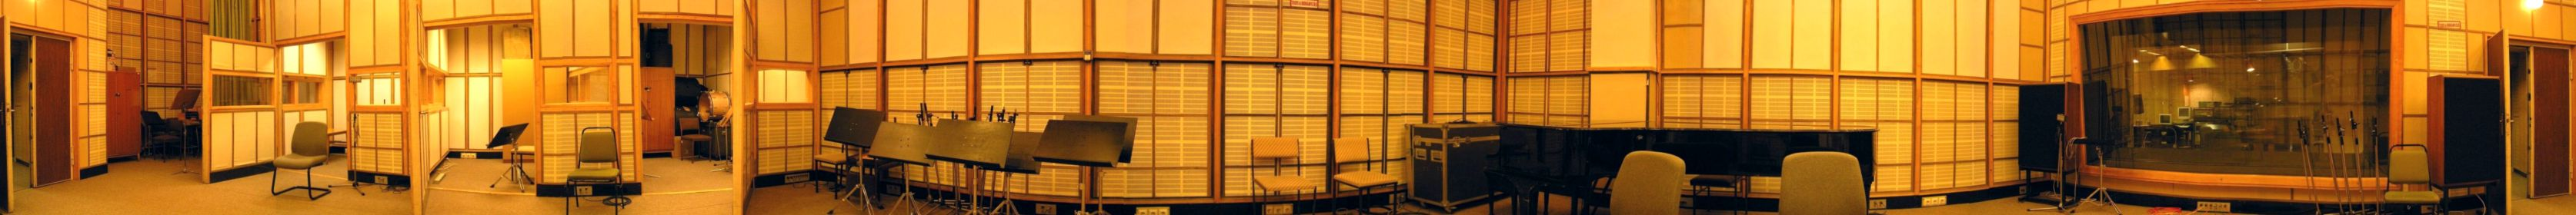 studio panorama